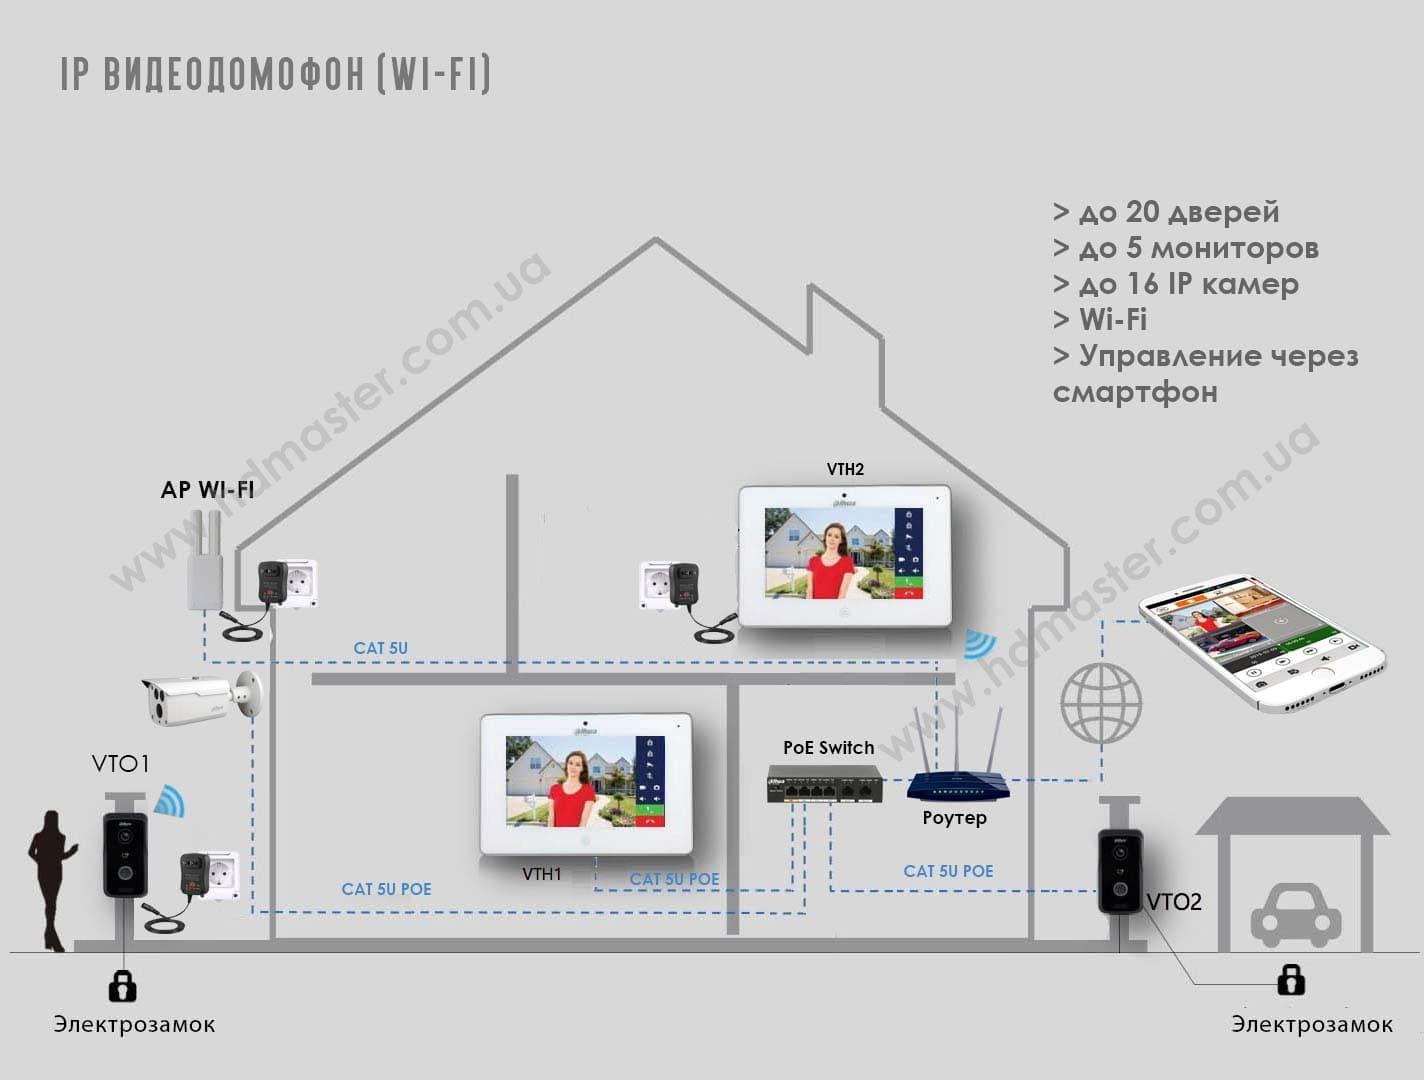 Цифровой видеодомофон - структурная схема